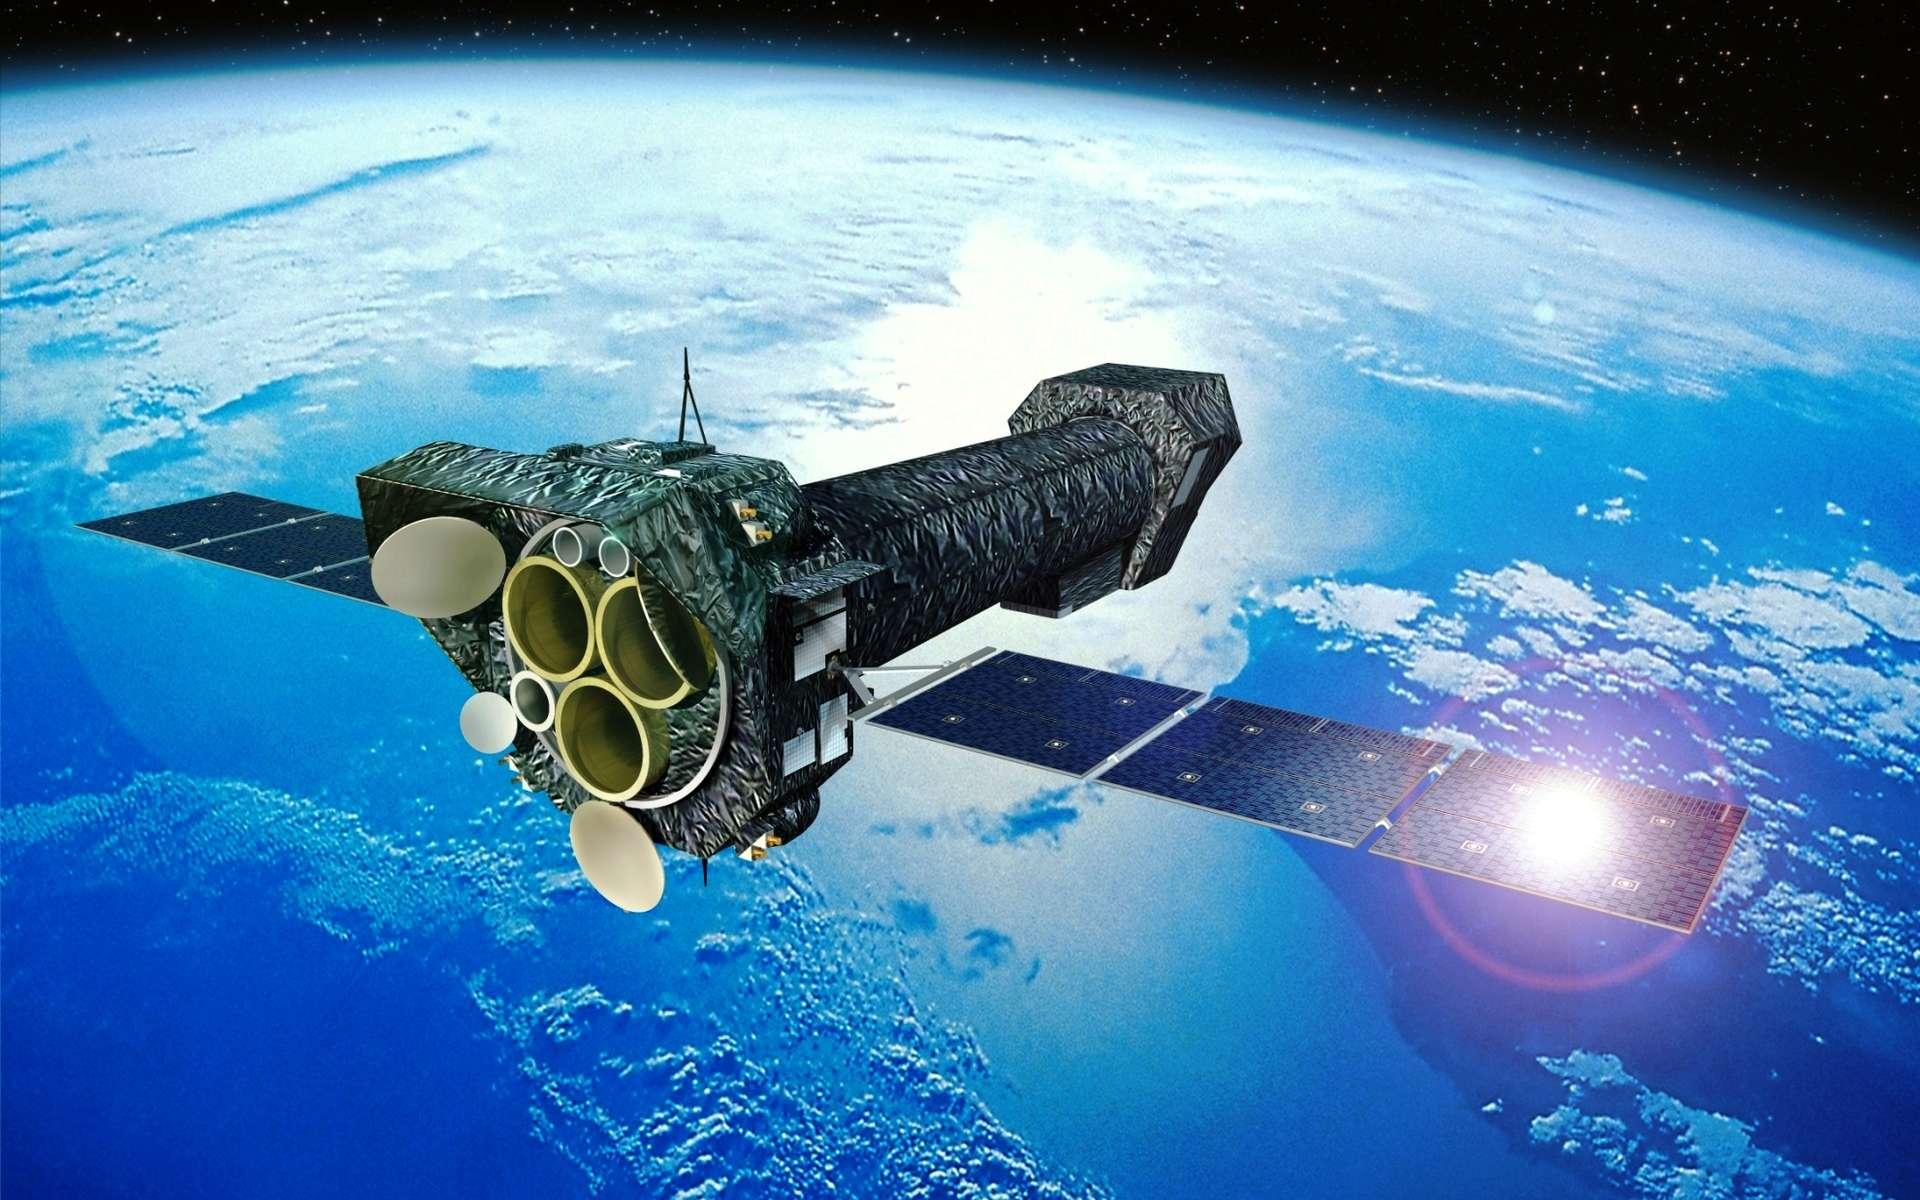 Le télescope XMM-Newton, ici en vue d'artiste, a été lancé en décembre 1999. Sa mission d'observation en rayons X se poursuit toujours, sur une orbite elliptique autour de la Terre, qui l'en éloigne jusqu'à 114.000 km. © Esa, D. Ducros